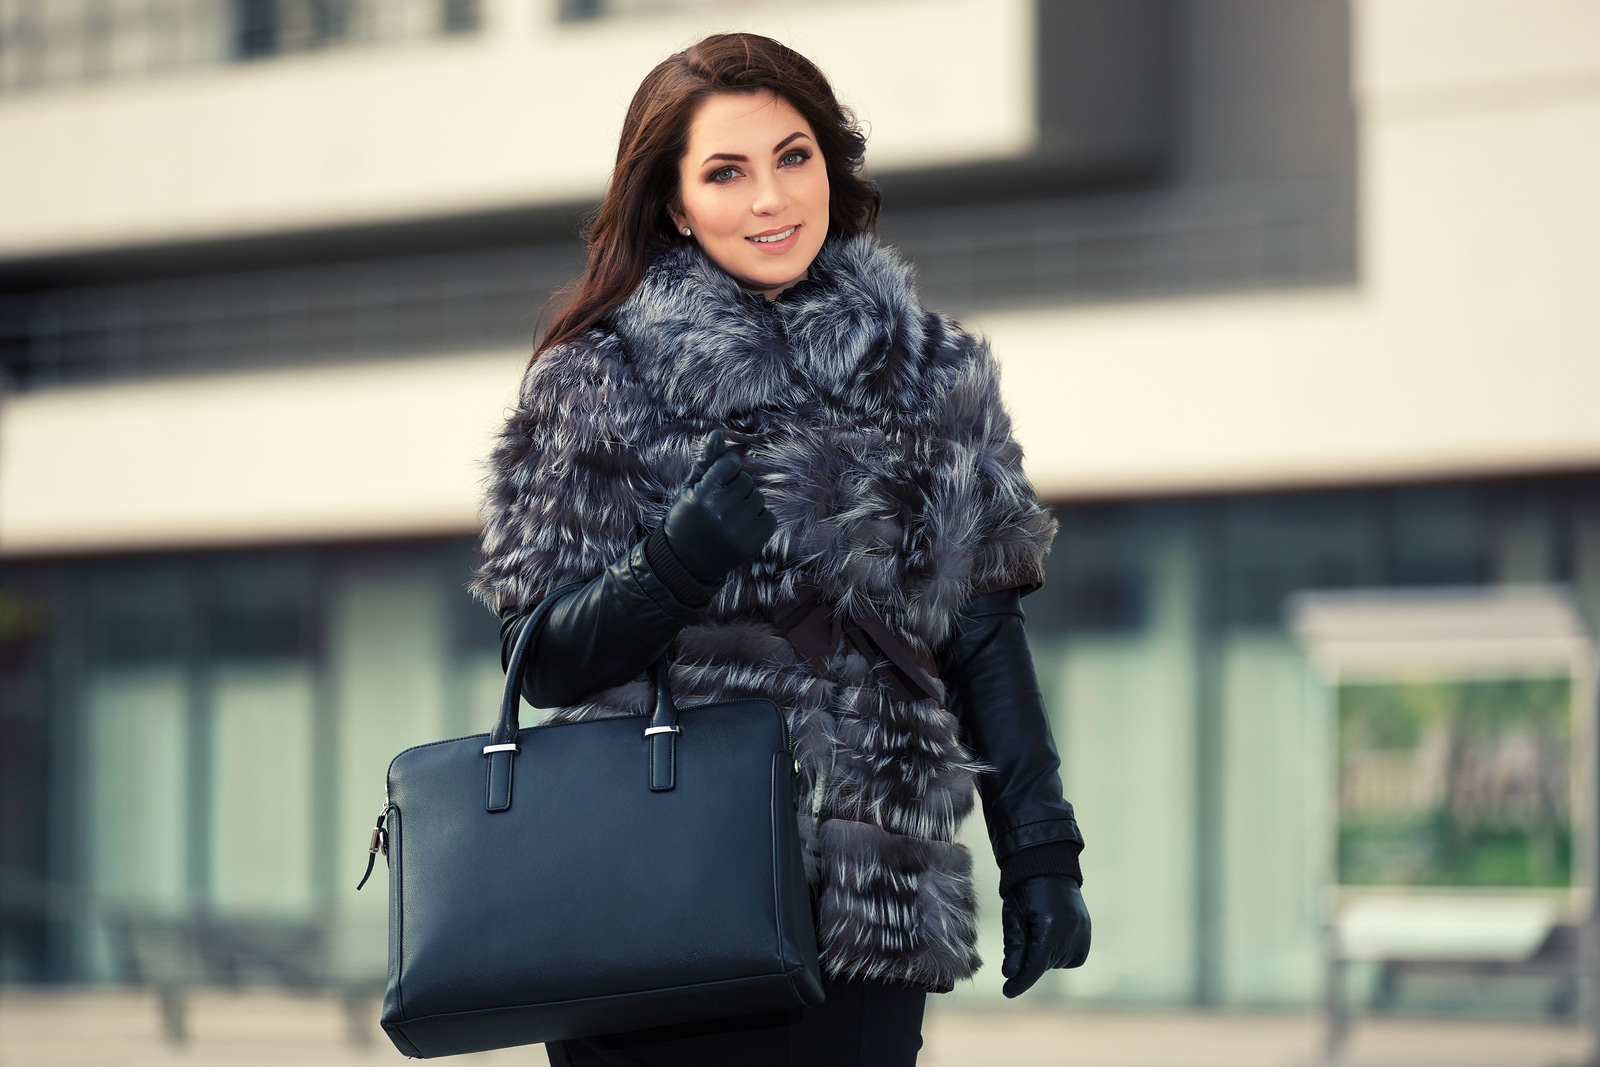 Vrouw met faux fur coat